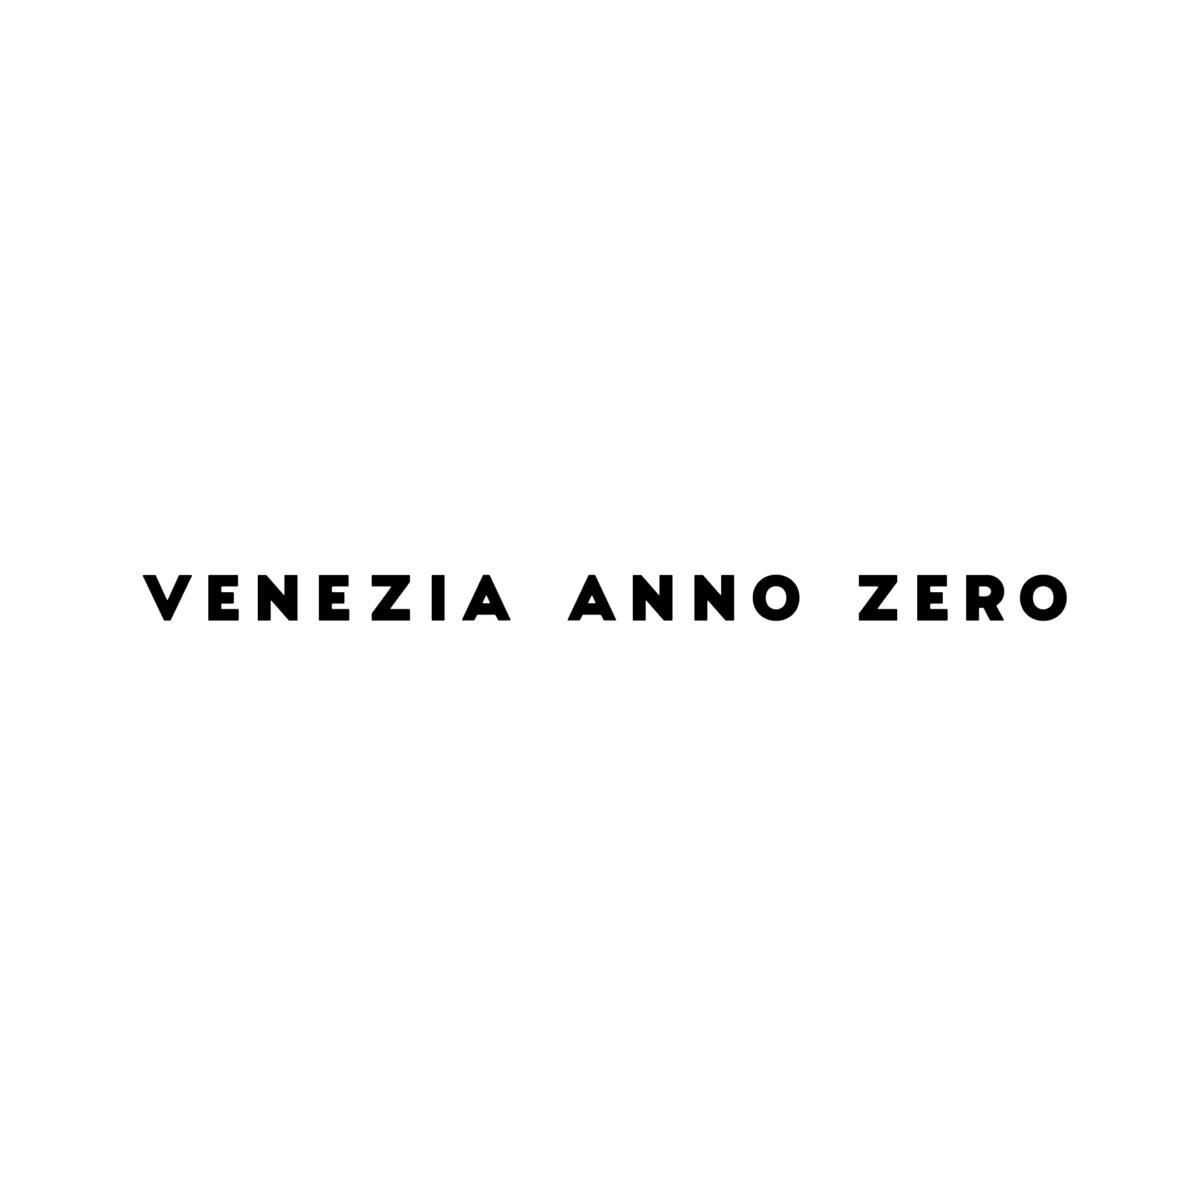 VAZ Venezia Anno Zero